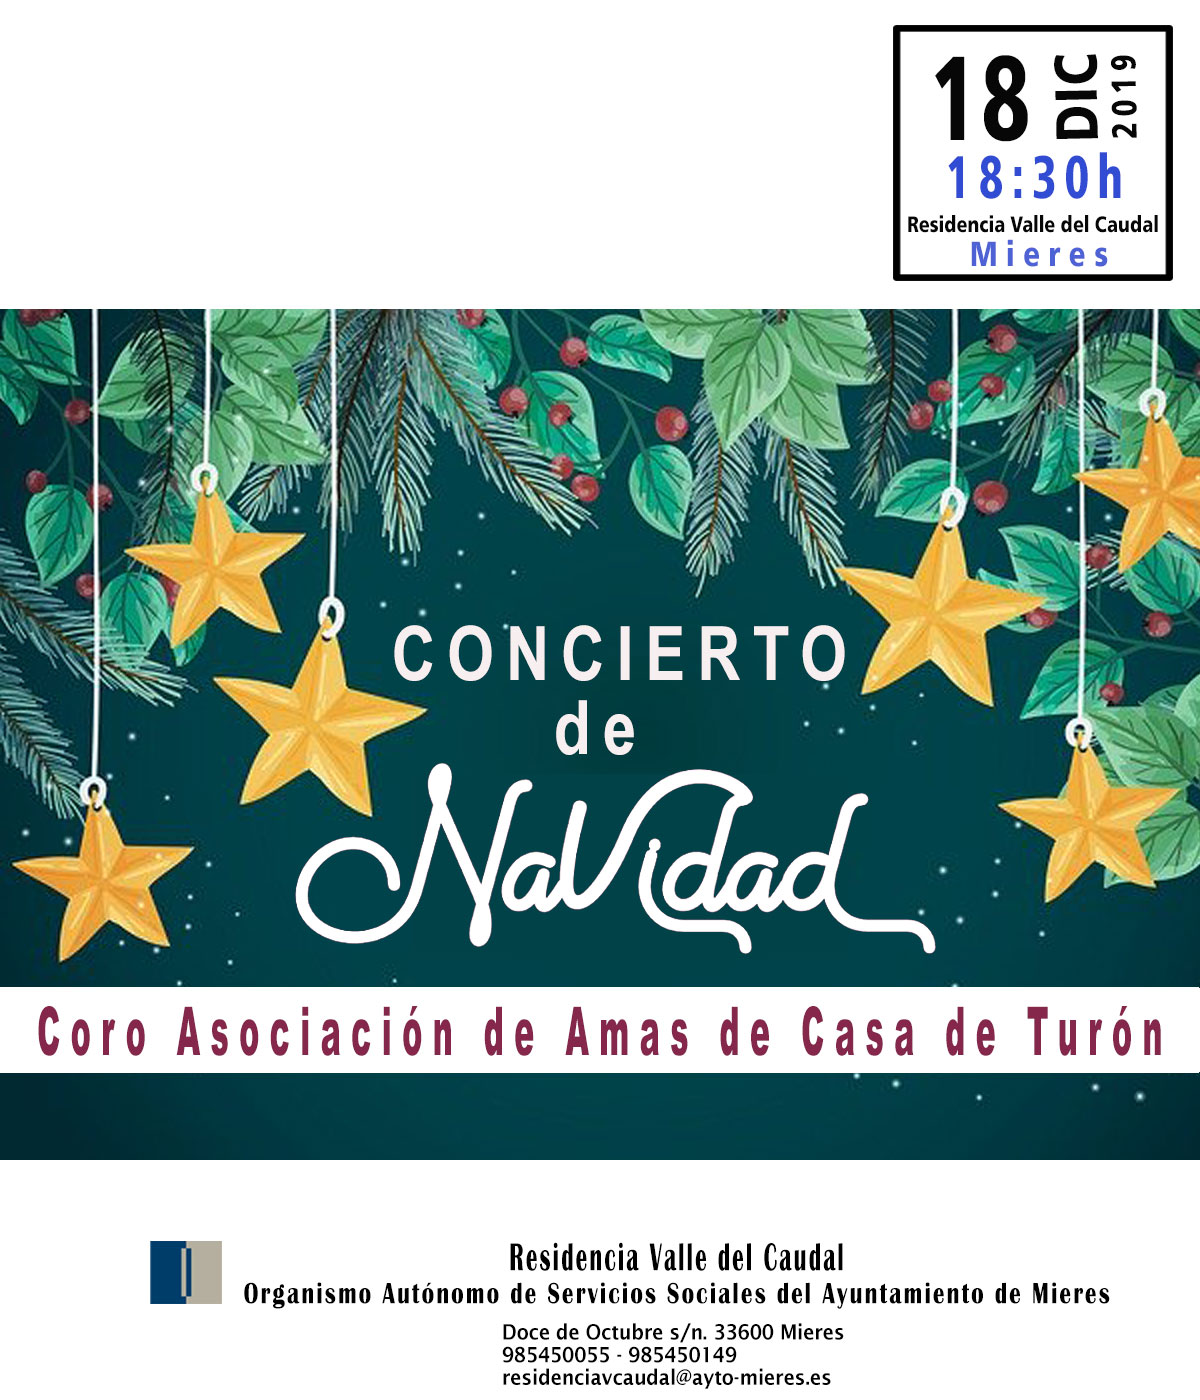 022 Cartel Coro Asociacion Amas De Casa De Turon Para Web